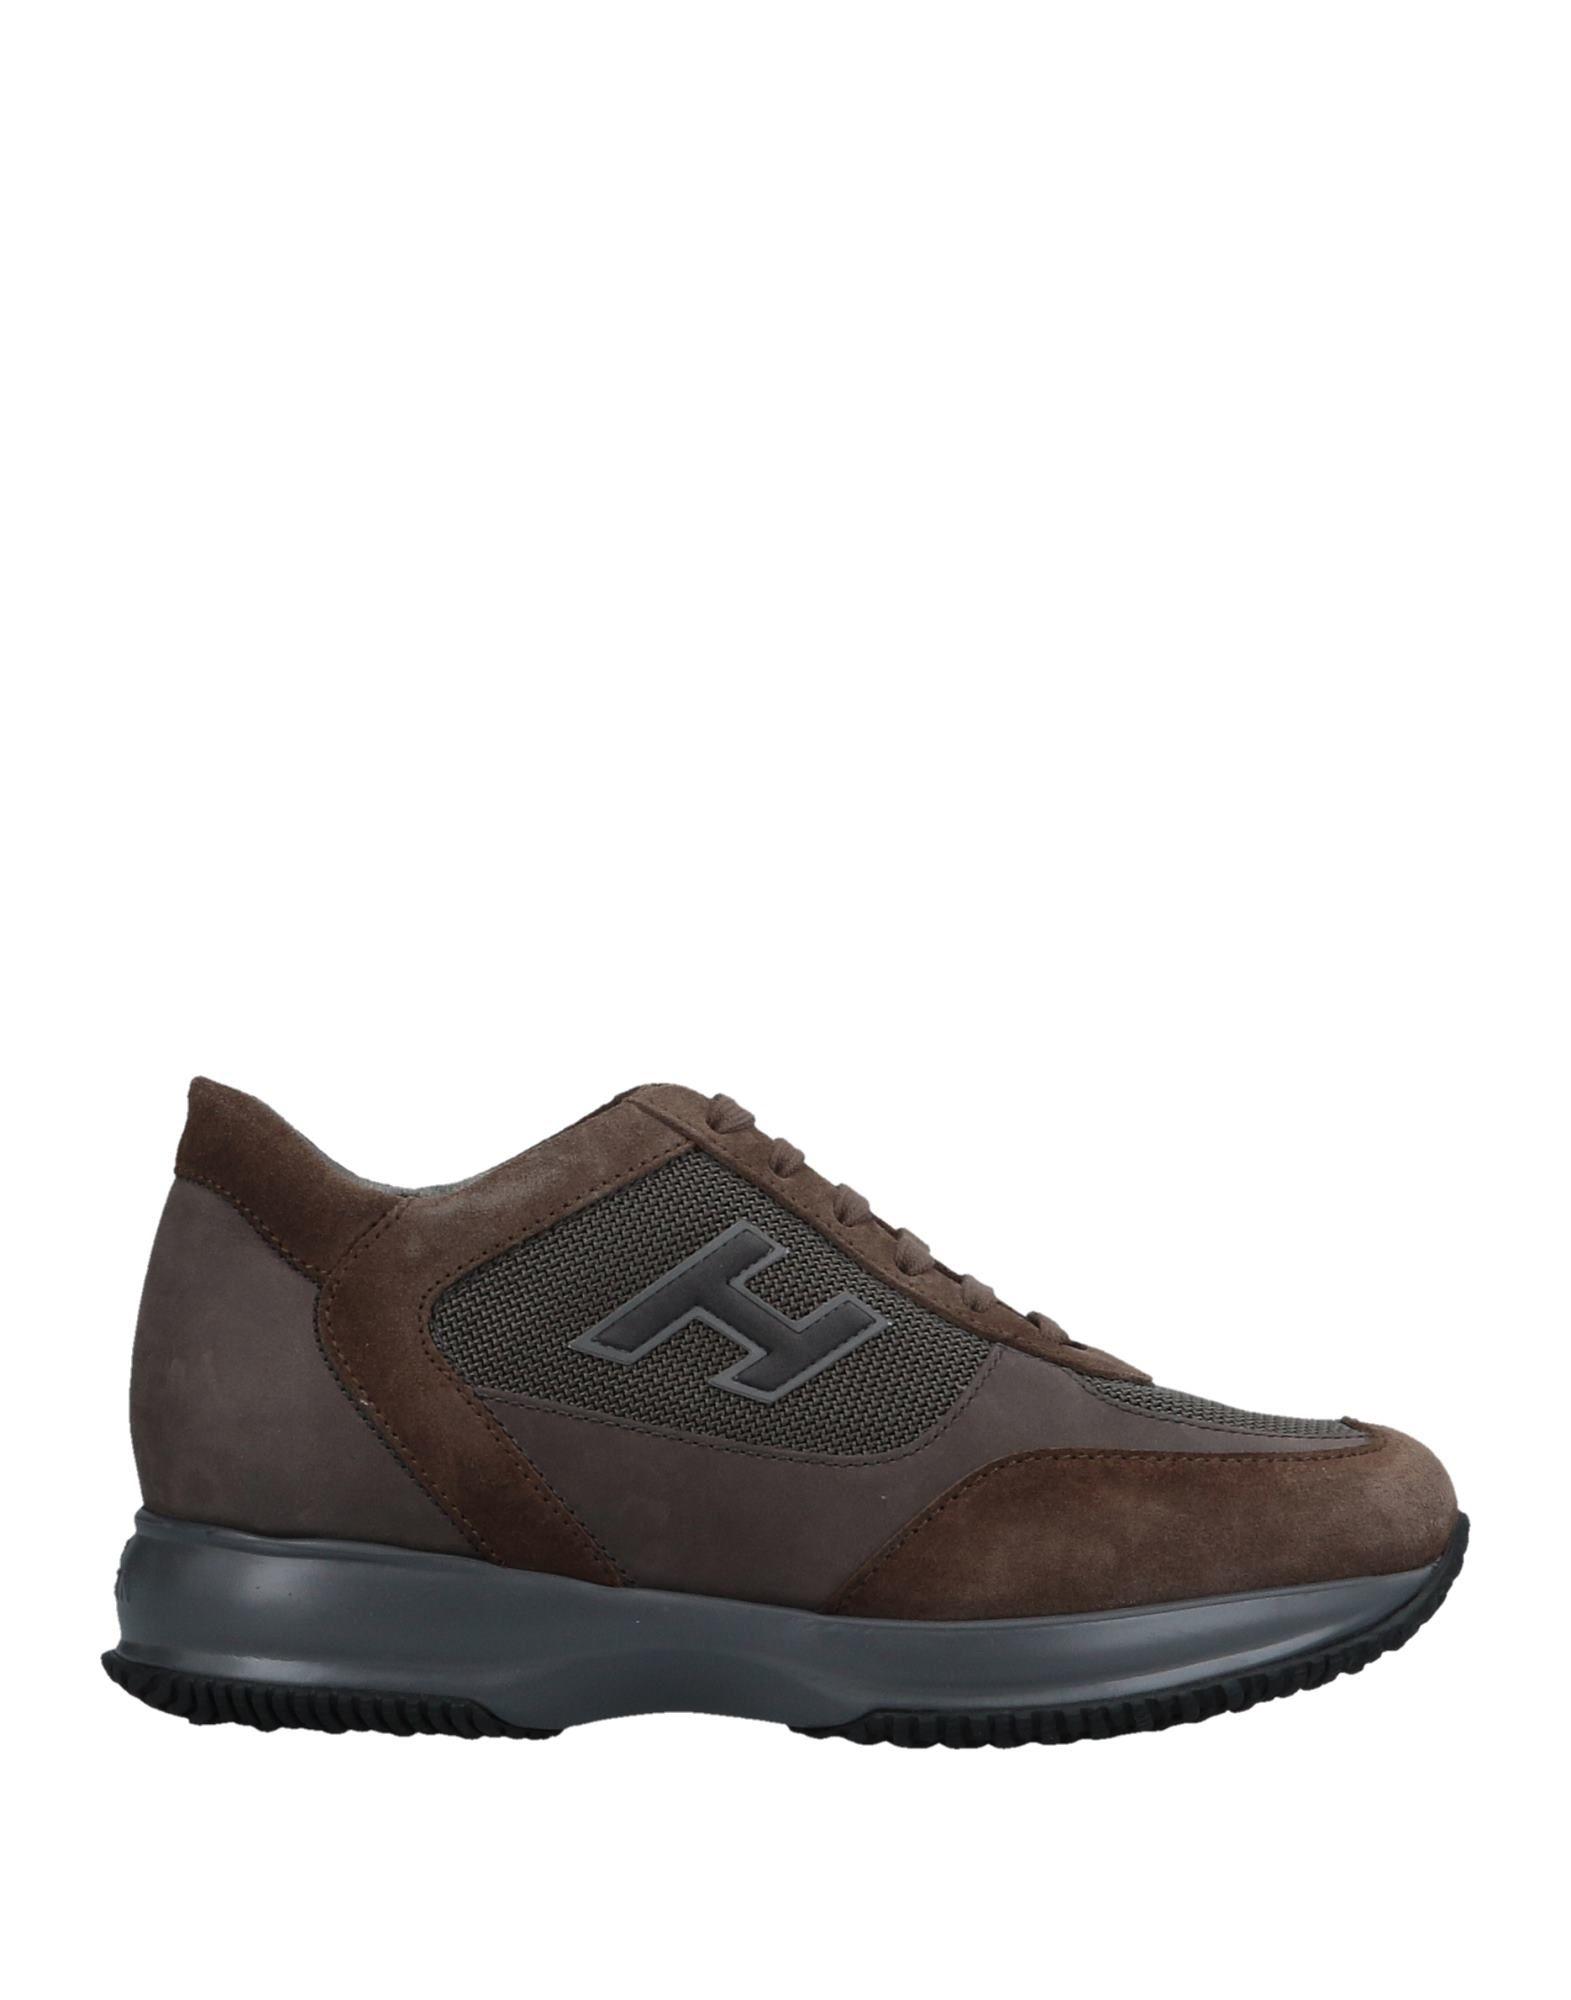 Sneakers Hogan Uomo - 11505399IP Scarpe economiche e buone